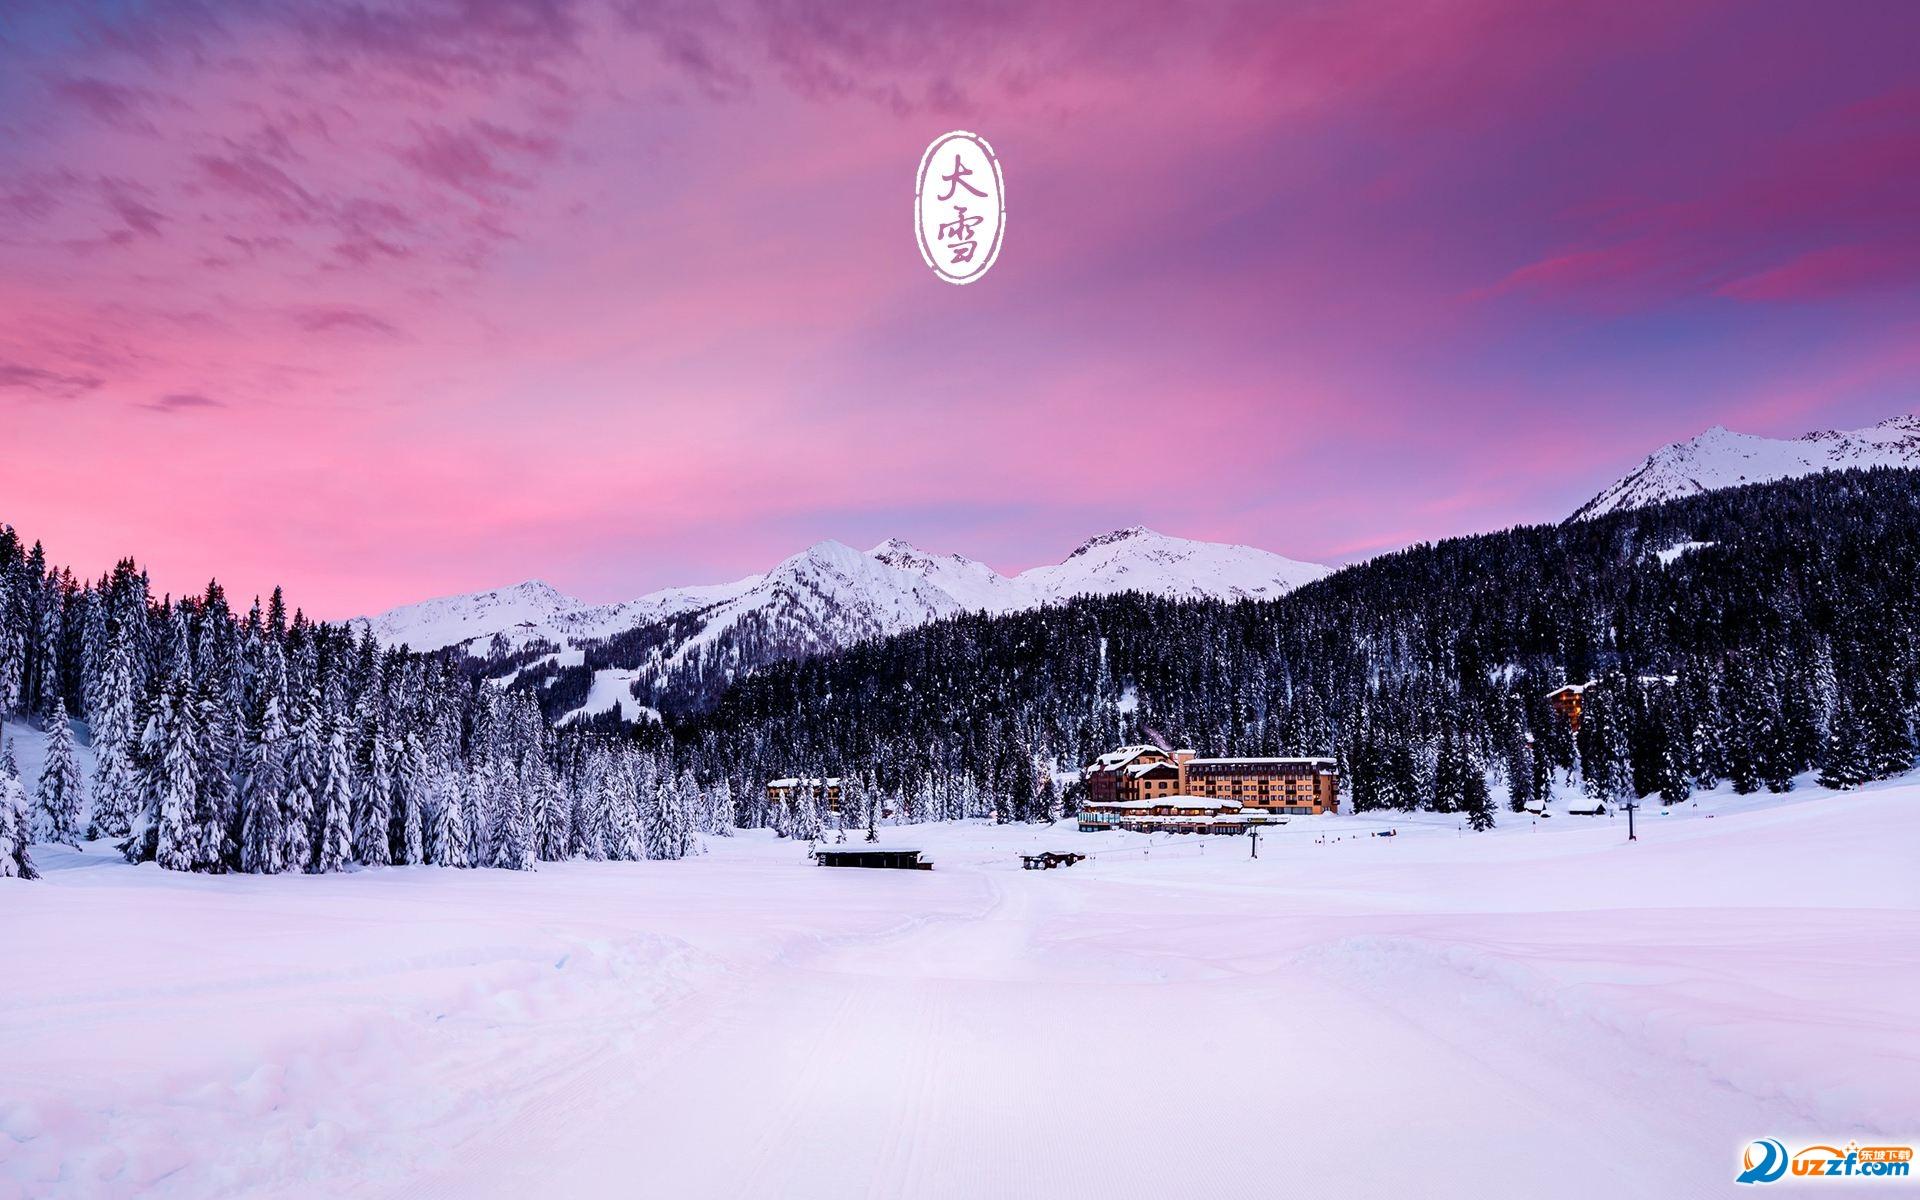 二十四节气大雪微信朋友圈空间祝福语图片大全精选版